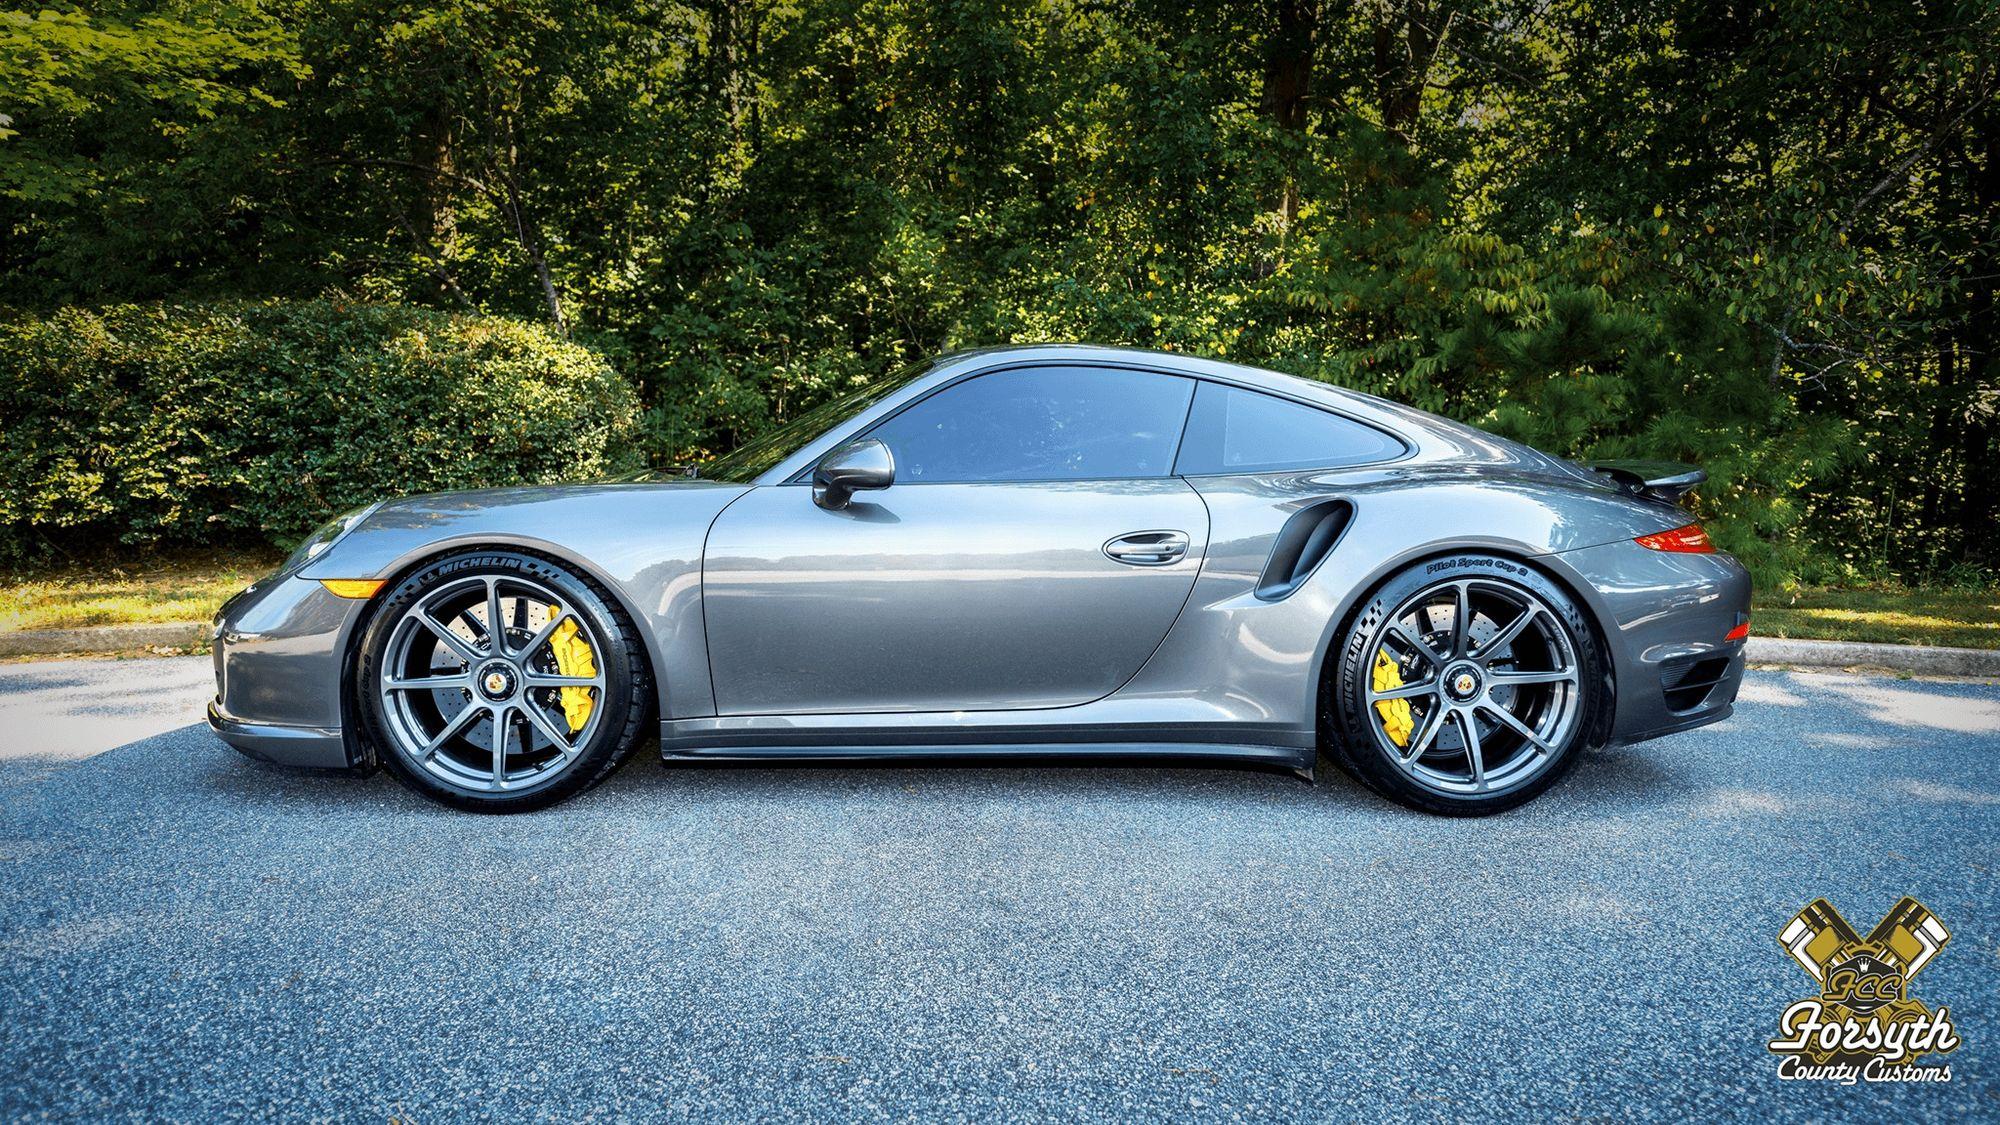 2015 Porsche 911 | George Smith's Porsche 911 Turbo S on Forgeline GE1 Wheels